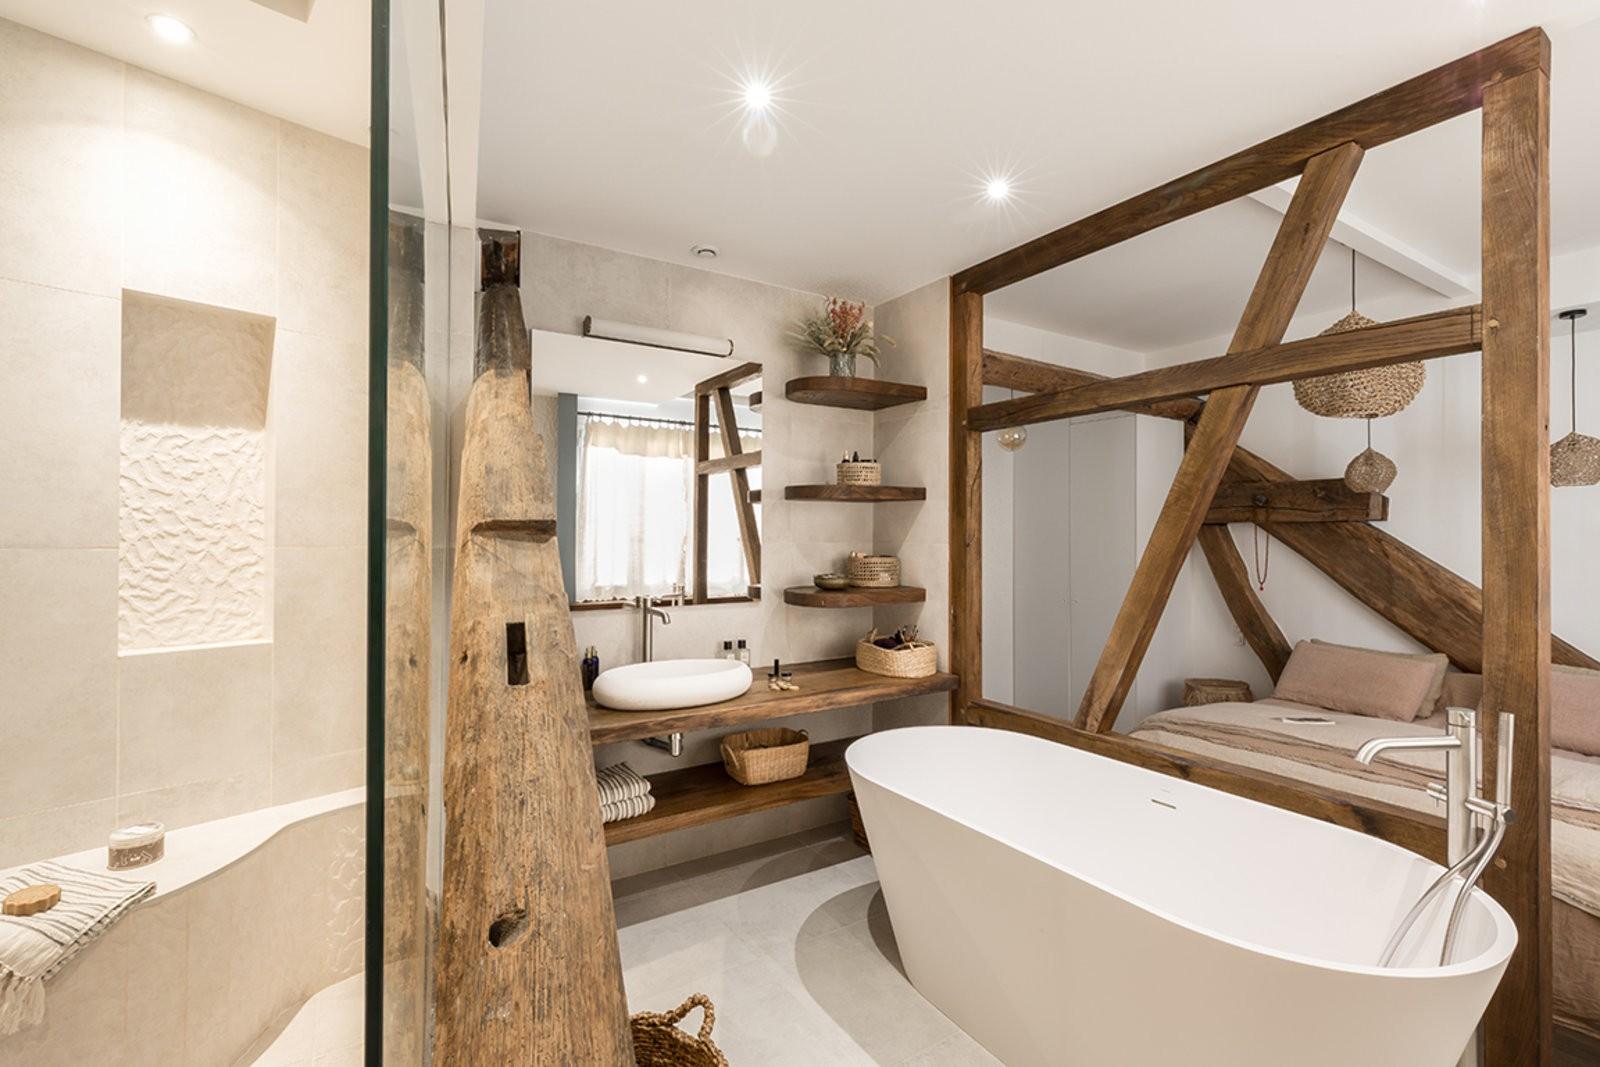 Salle de bain avec des poutres en bois disposée comme une limitation entre la chambre et la douche. Il y a une baignoire aux pieds du lit et une douche séparée d'une bais vitrée.